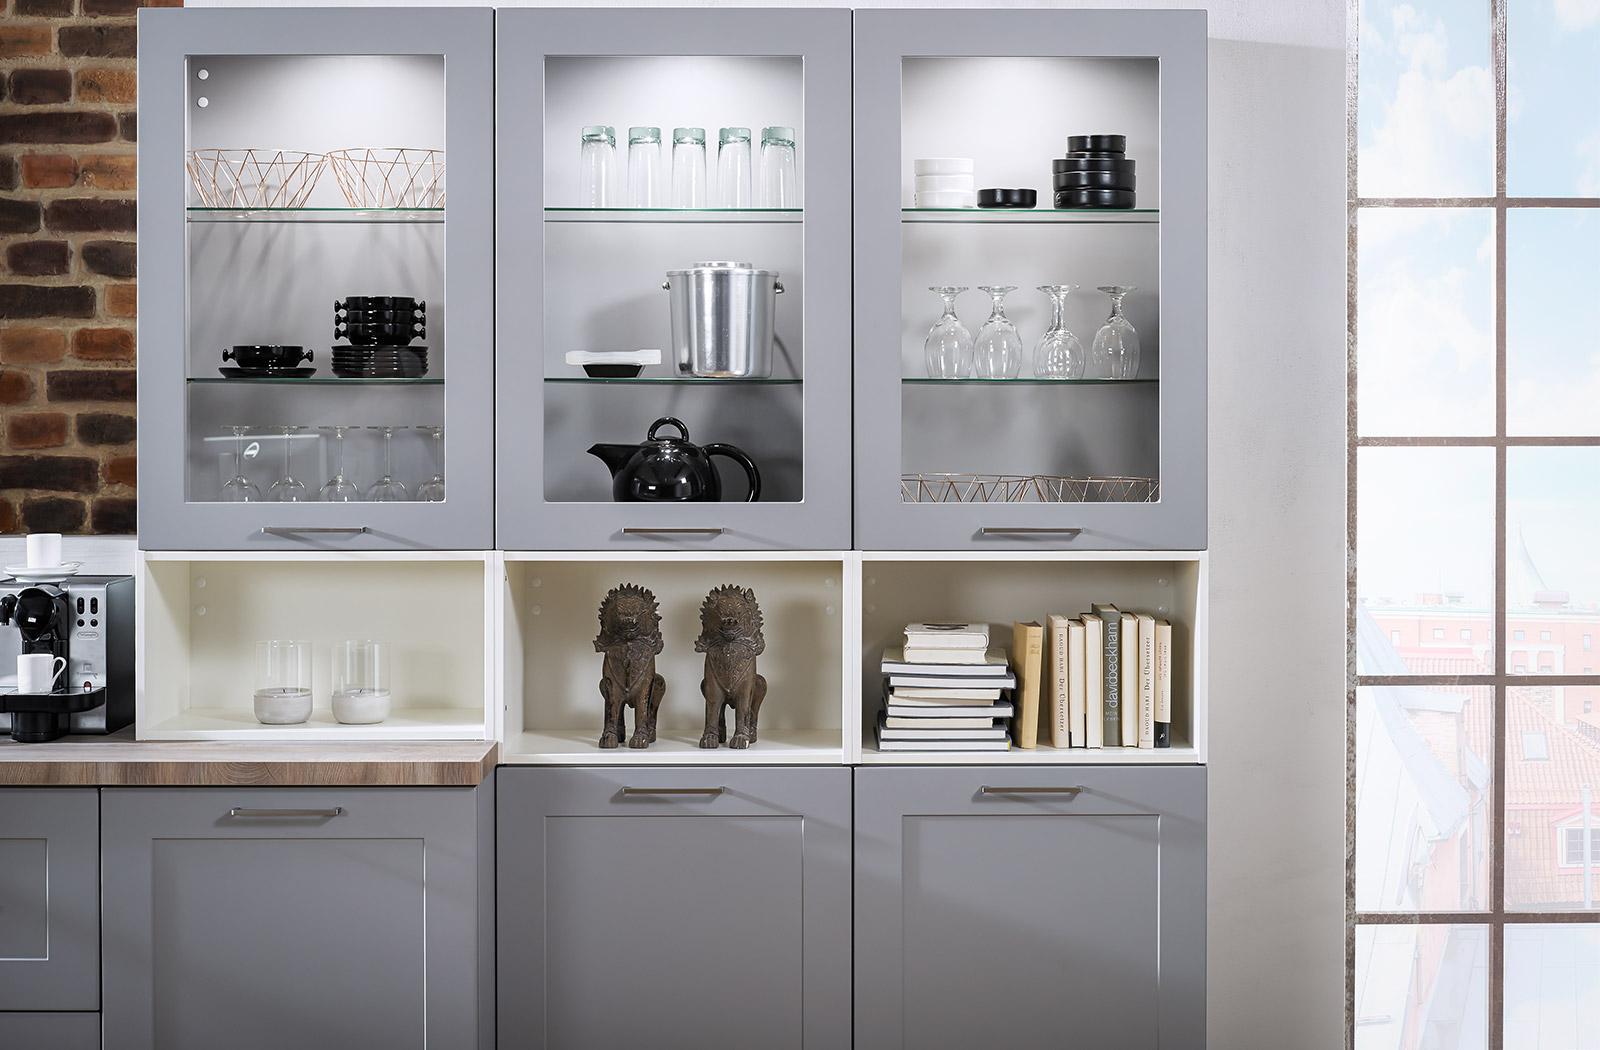 Meble kuchenne Lotus - witryna - oferta SAS Wnętrza i Kuchnie - Meble Kuchenne i Projektowanie wnętrz.